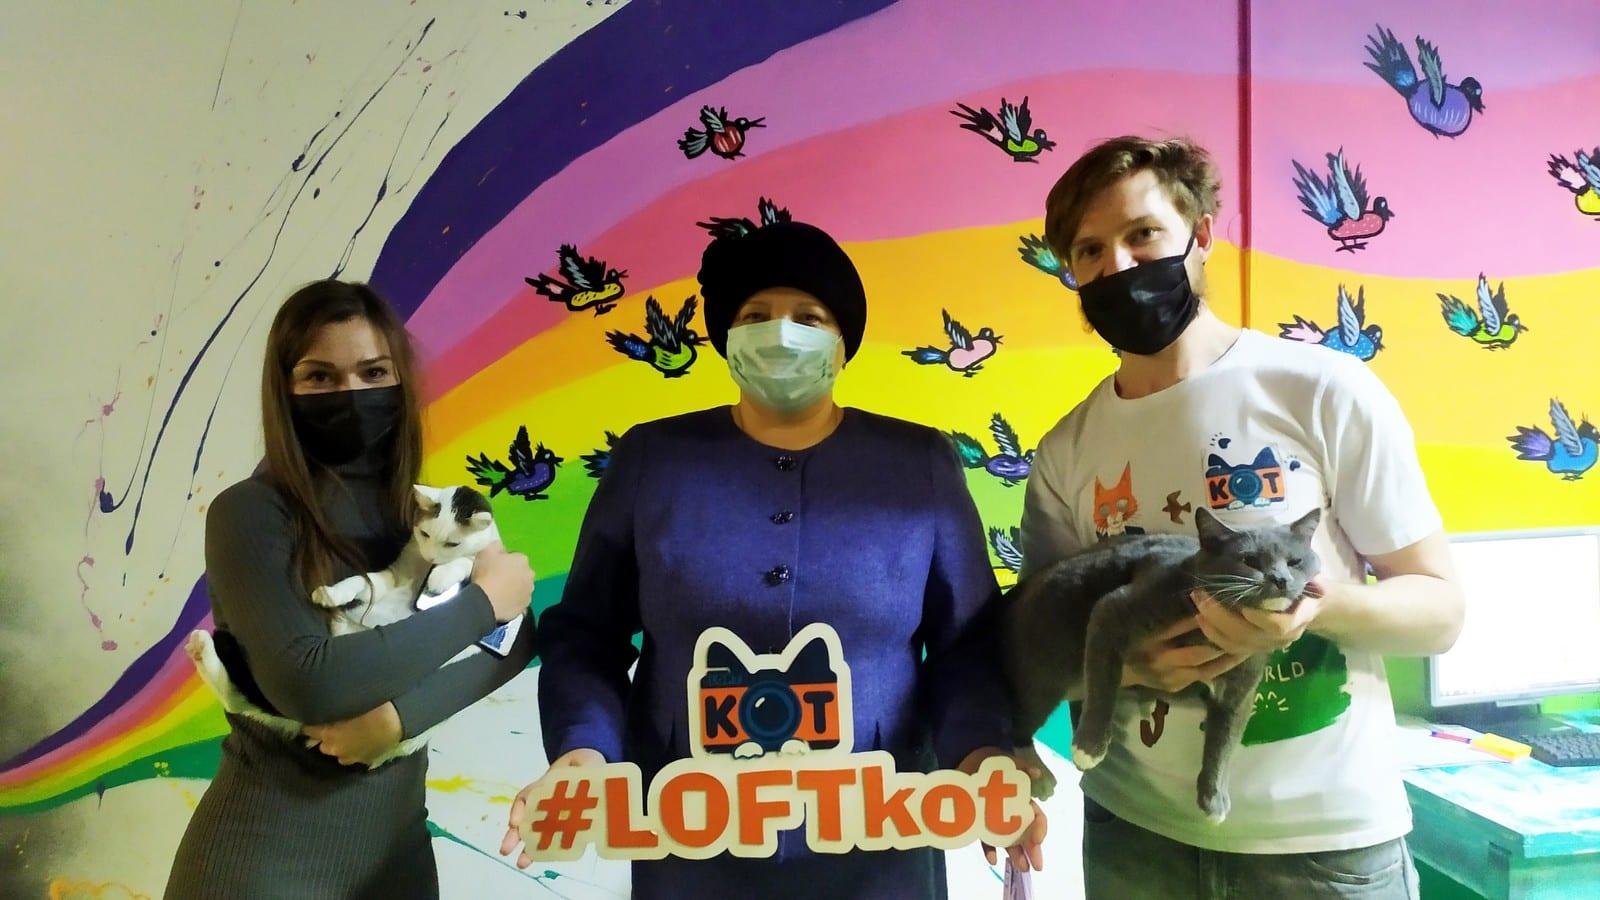 Елена Митина посетила кото-кафе «LOFTkot»